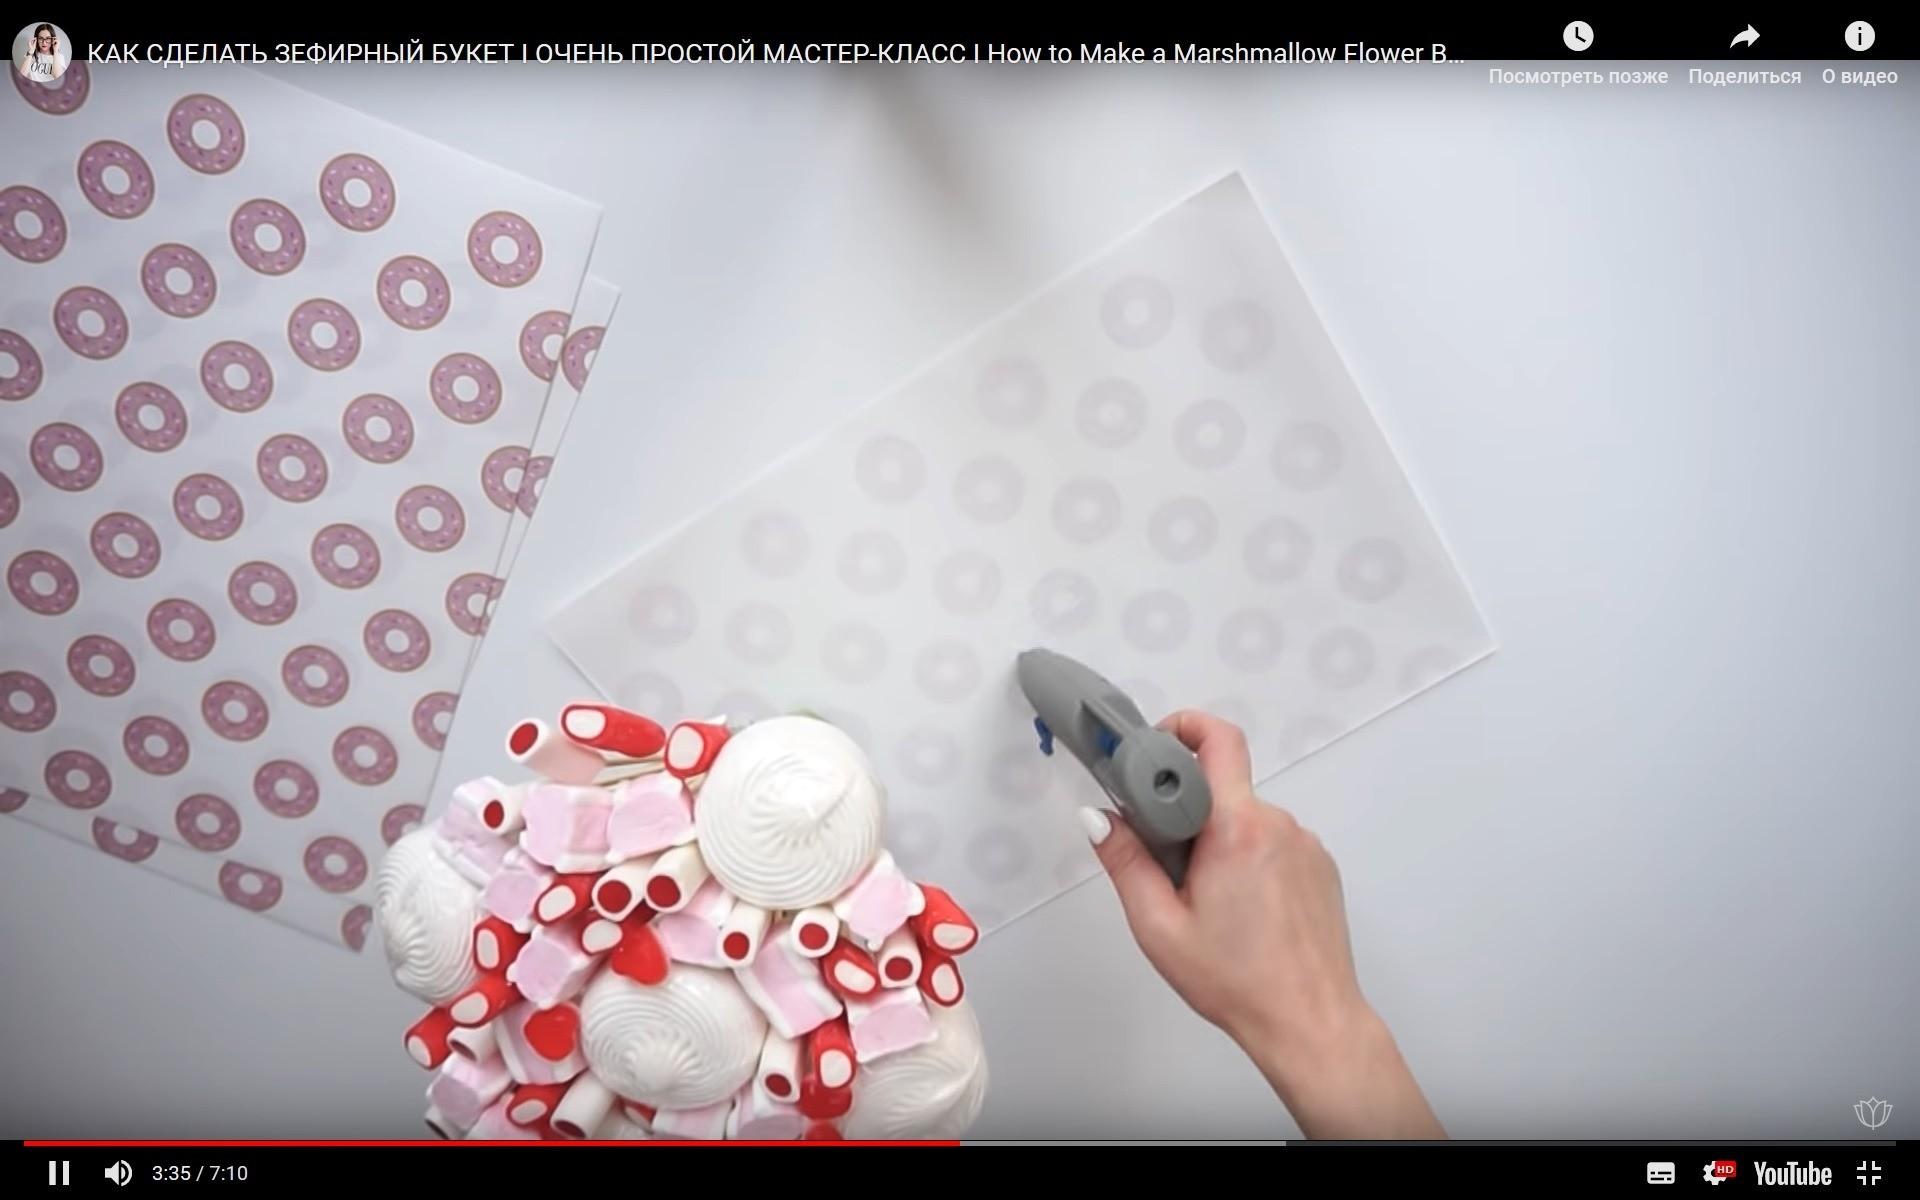 Когда букетик готов, возьми один излистов декоративной бумаги, расположи пенопластовое основание поцентру листа иупакуй поделку, чтобы основание непроглядывало.